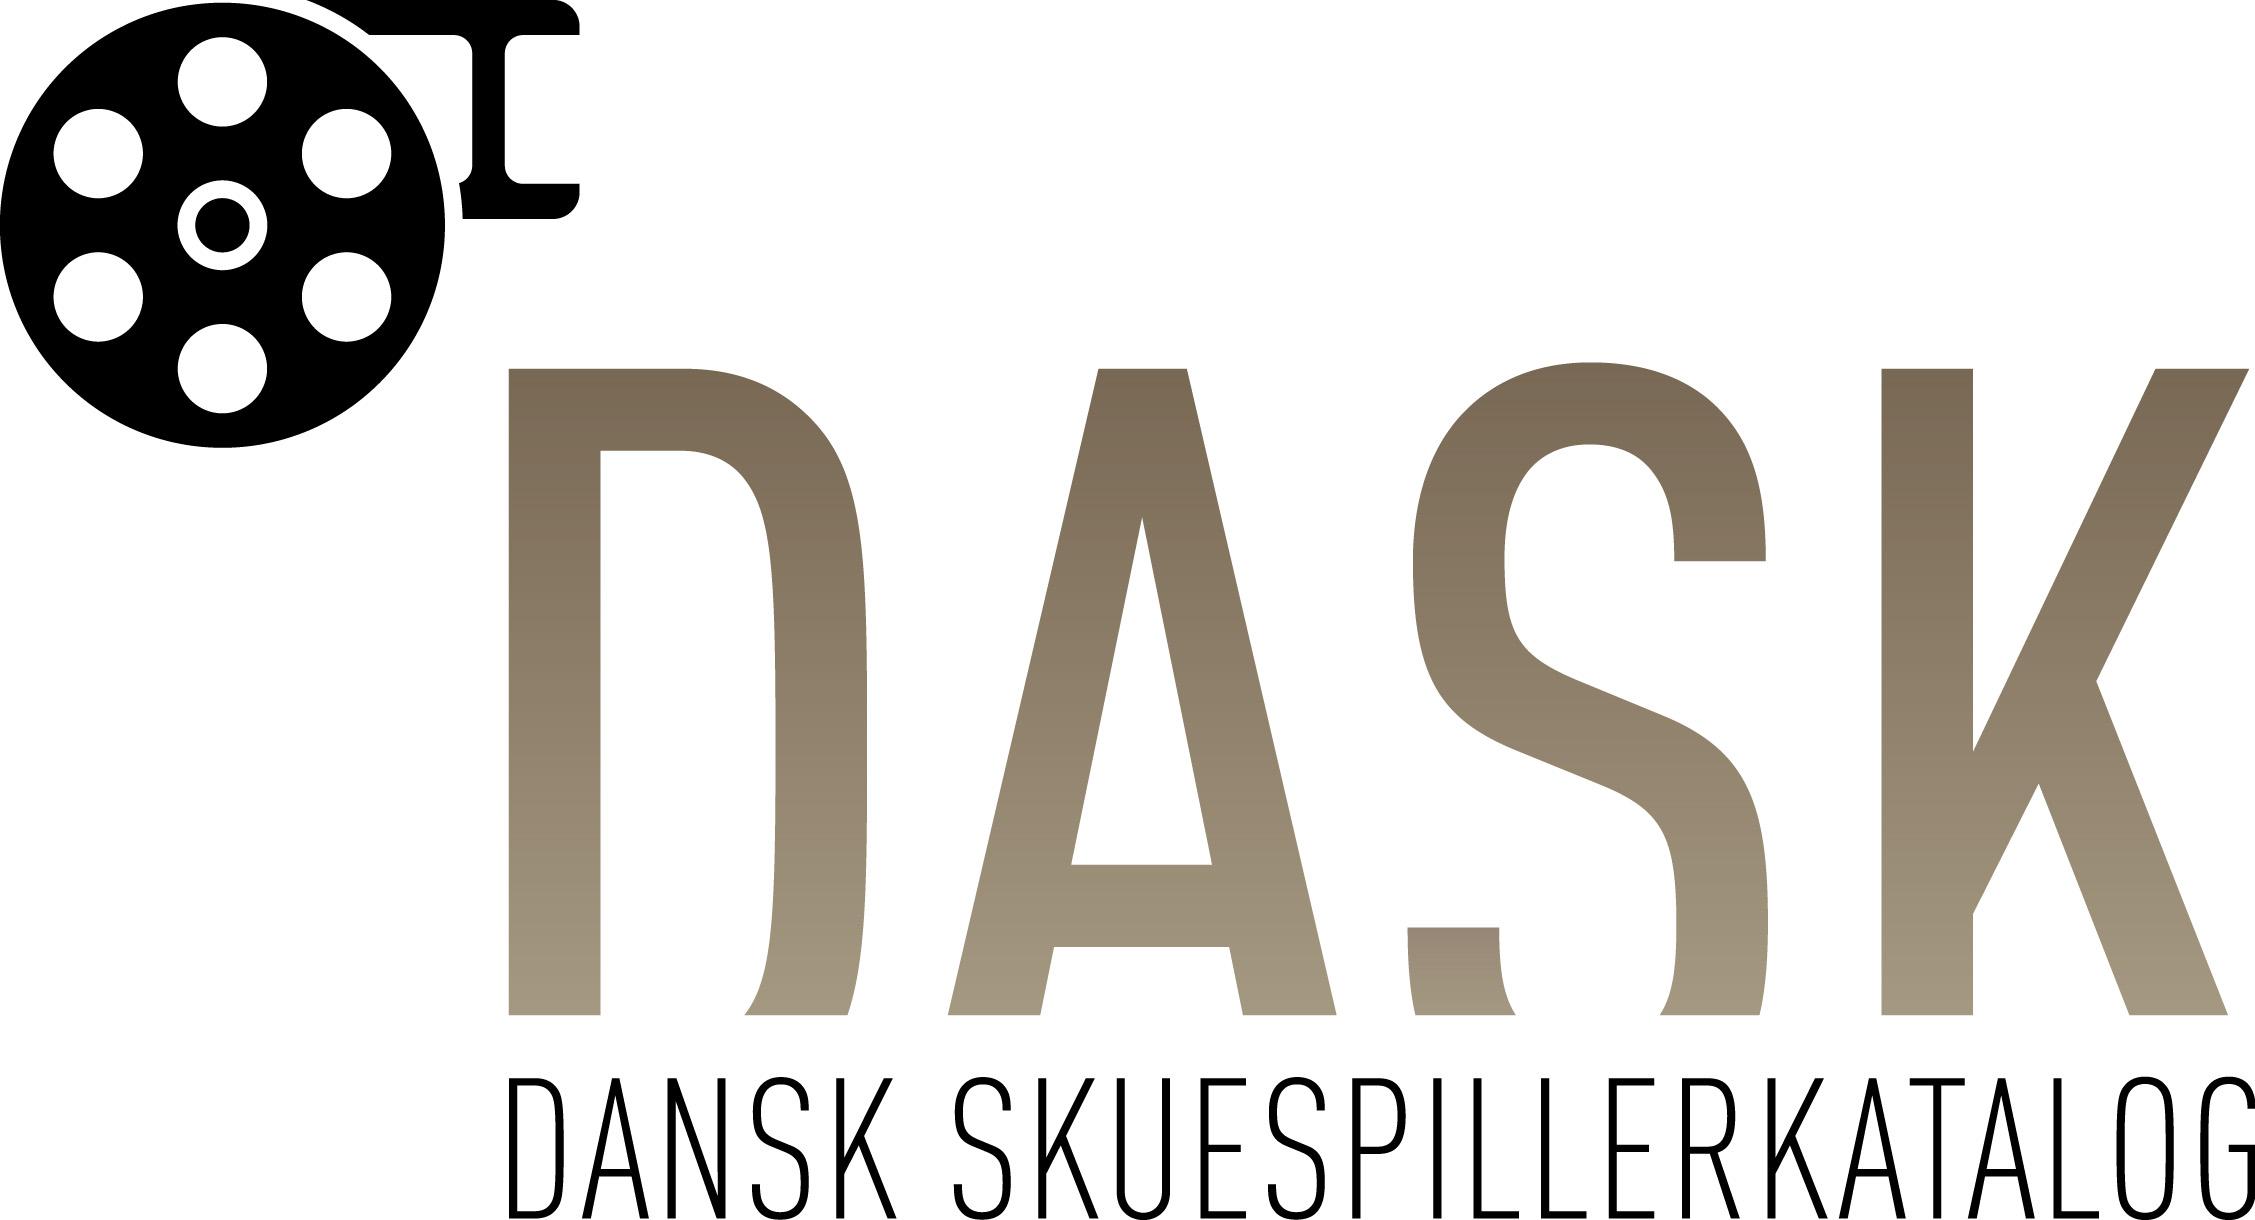 Dansk Skuespillerkatalog DASK / Tommy Duus